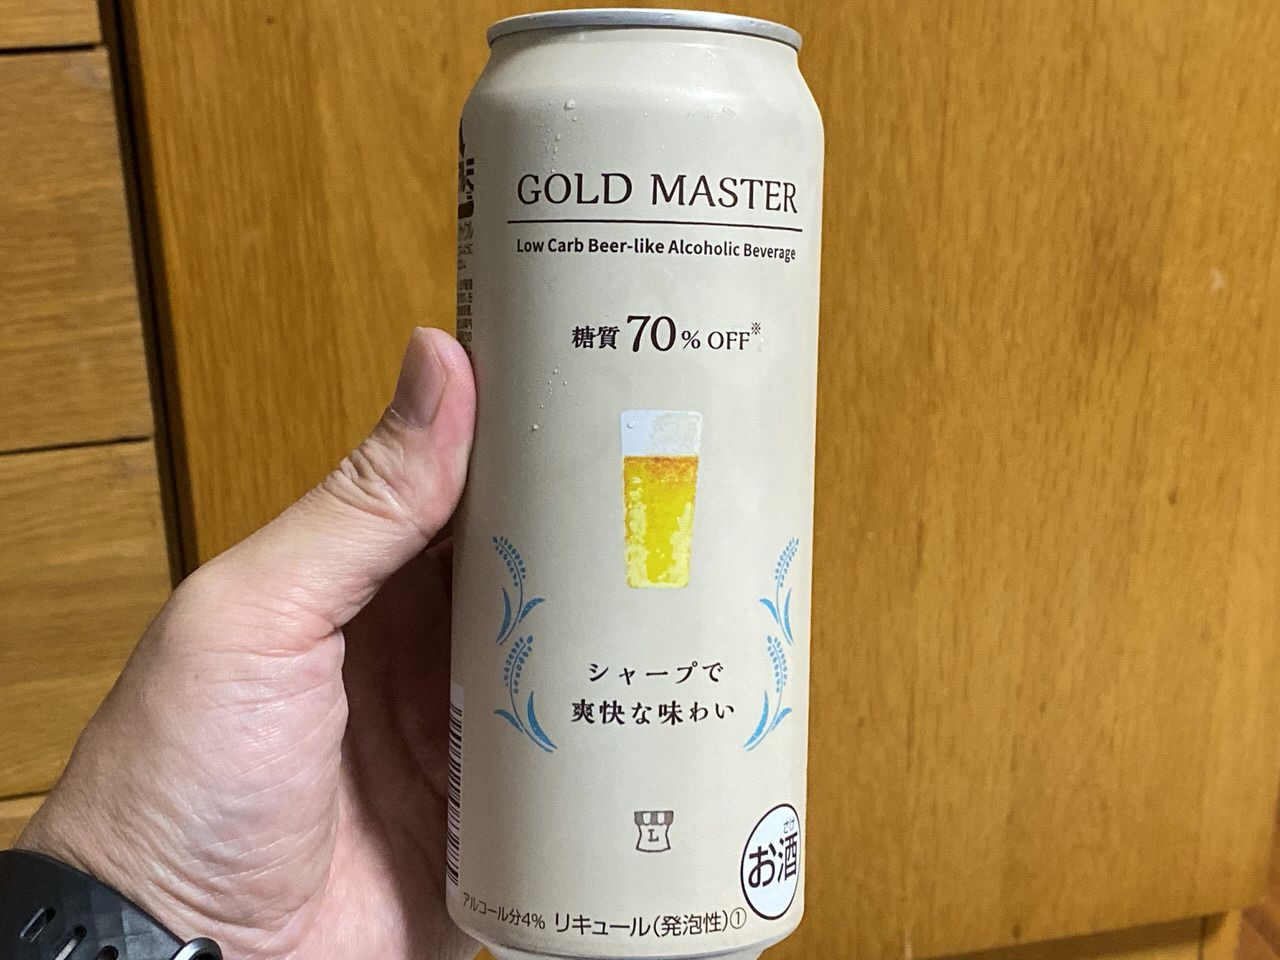 【ローソン】キリンが製造するプラベートブランド発泡酒「ゴールドマスター(500ml)」は税込150円